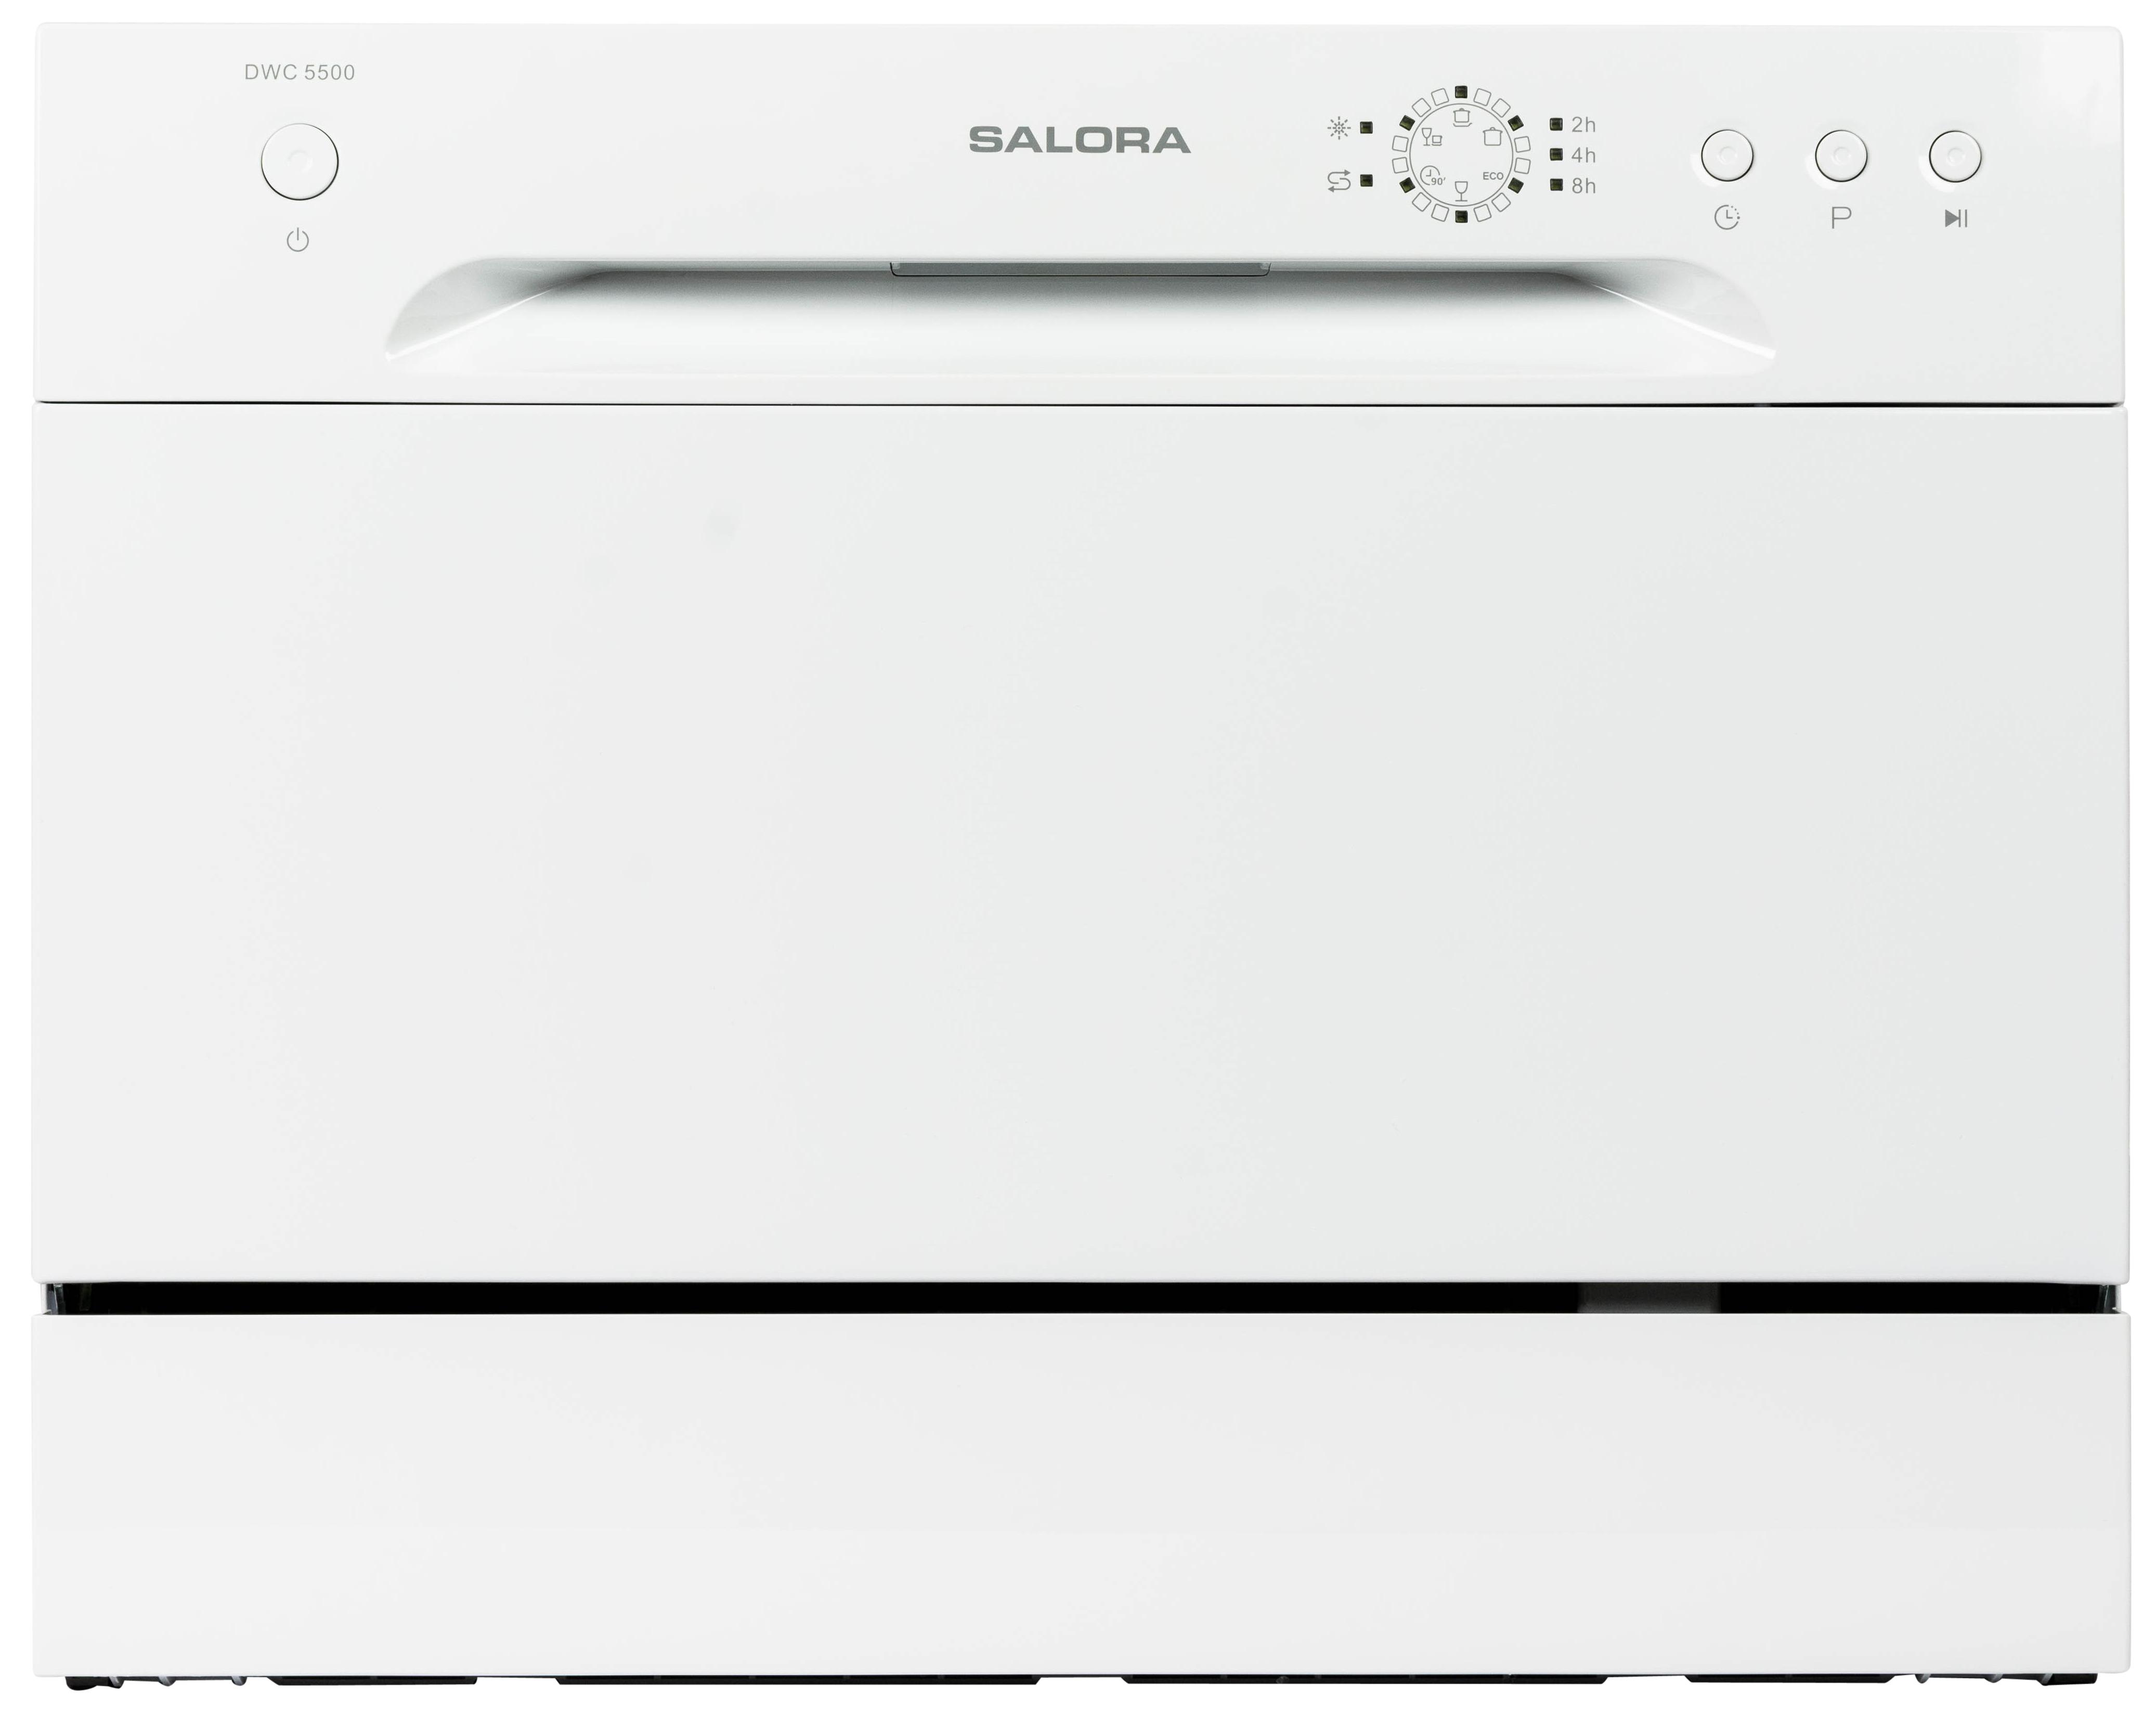 Salora DWC5500 Vrijstaande vaatwasser Wit